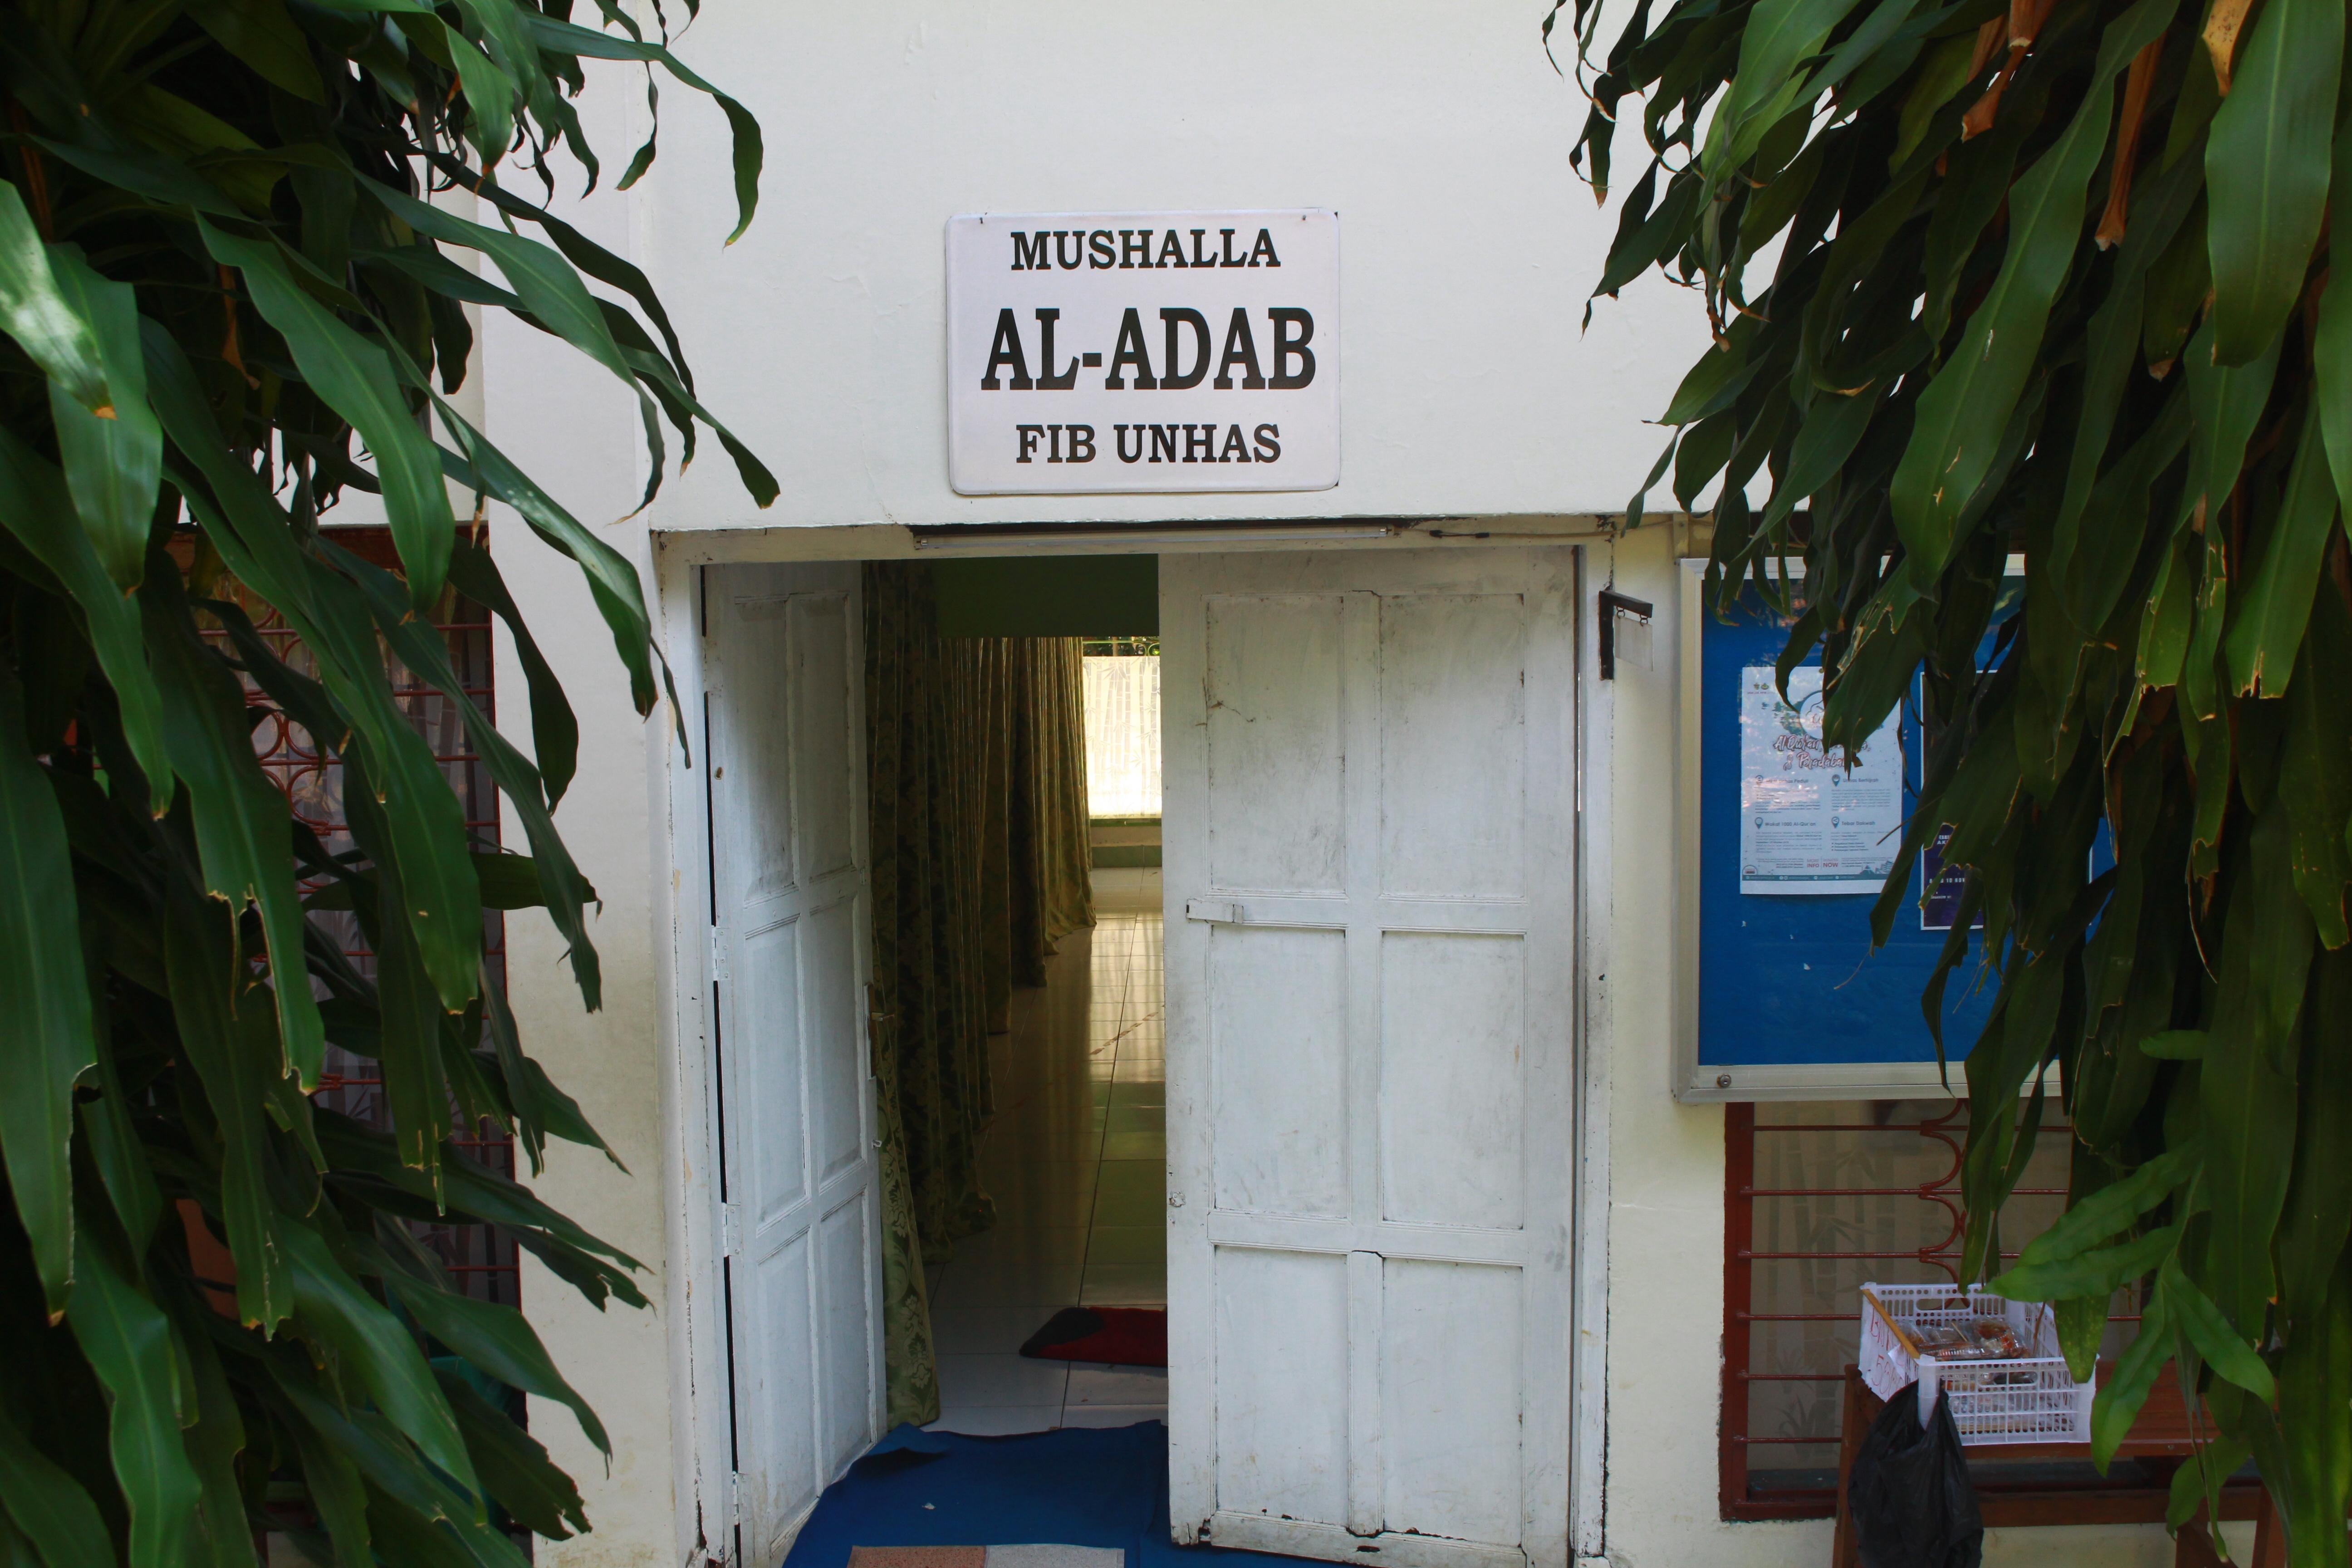 Al-Adab